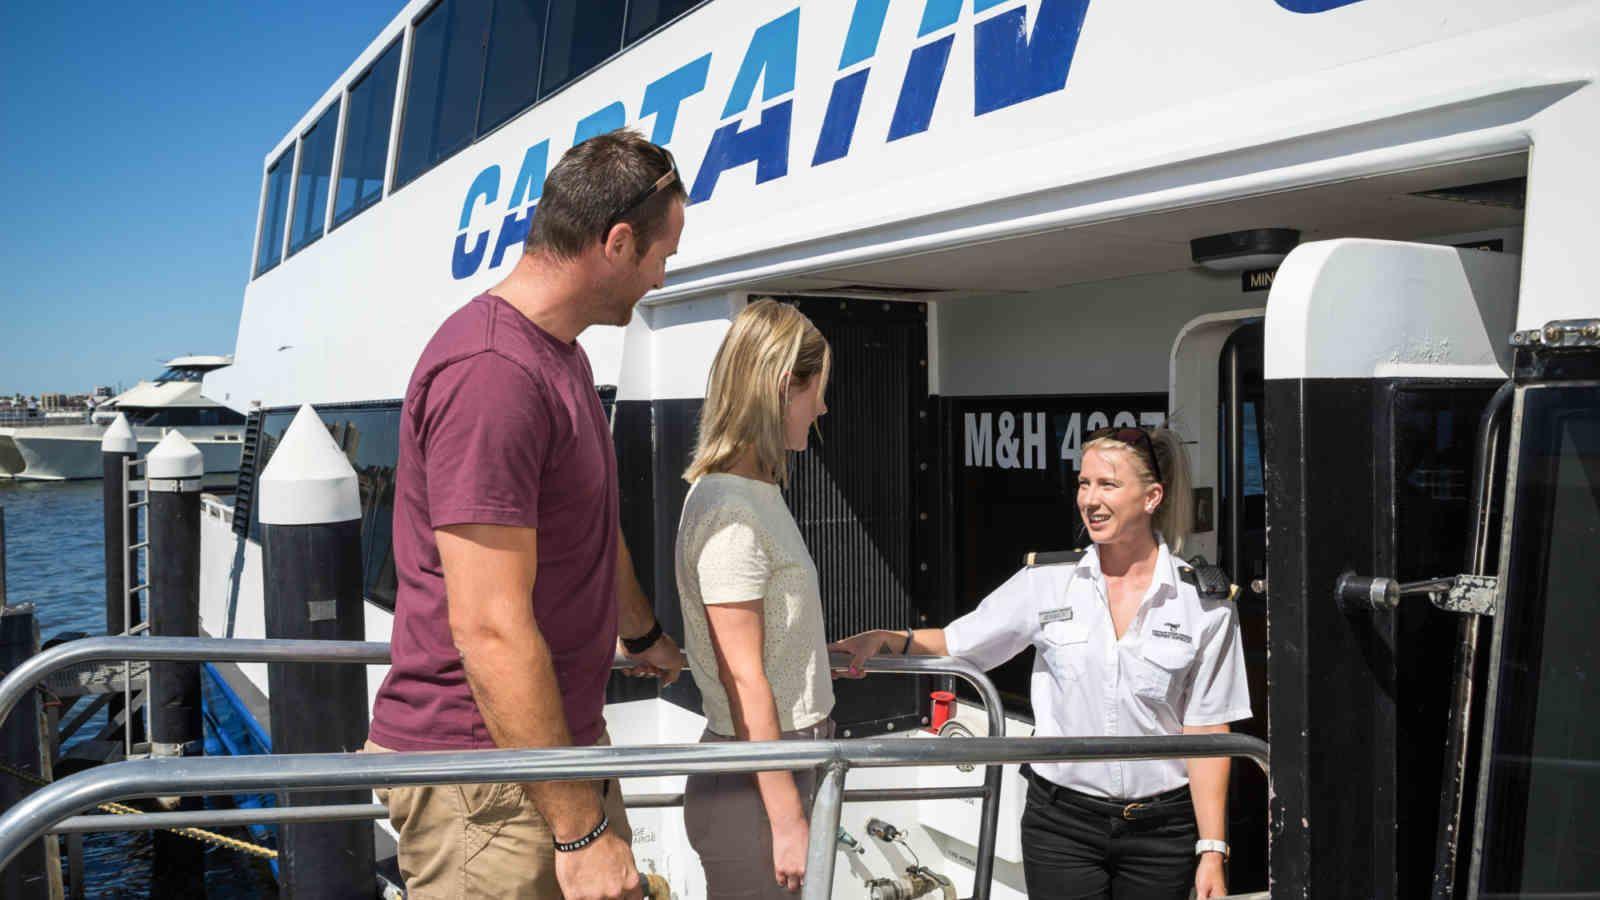 Perth Swan River Scenic Cruise